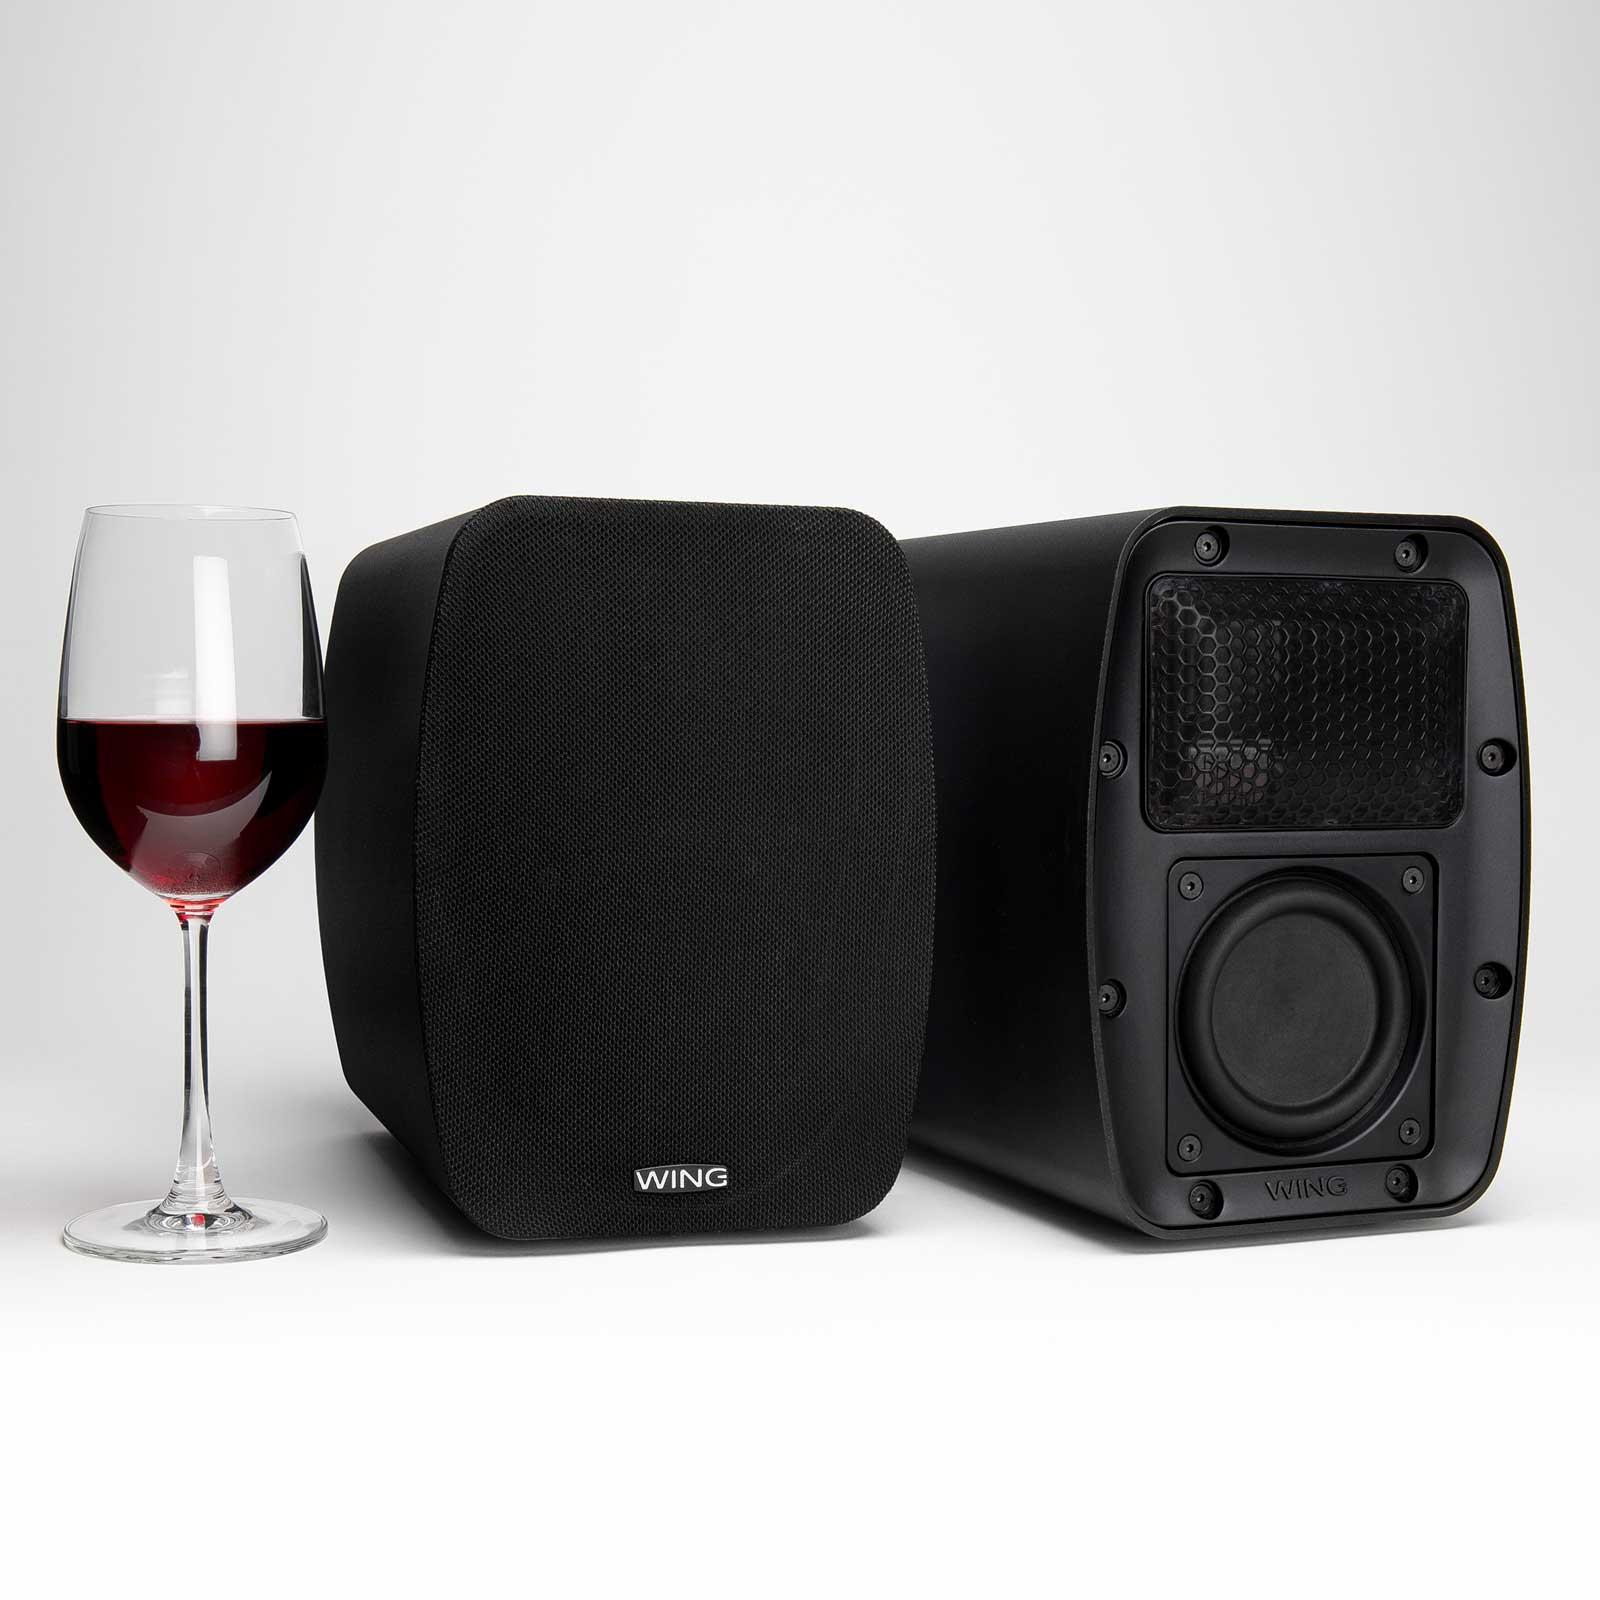 Wing - World's best shelf speakers